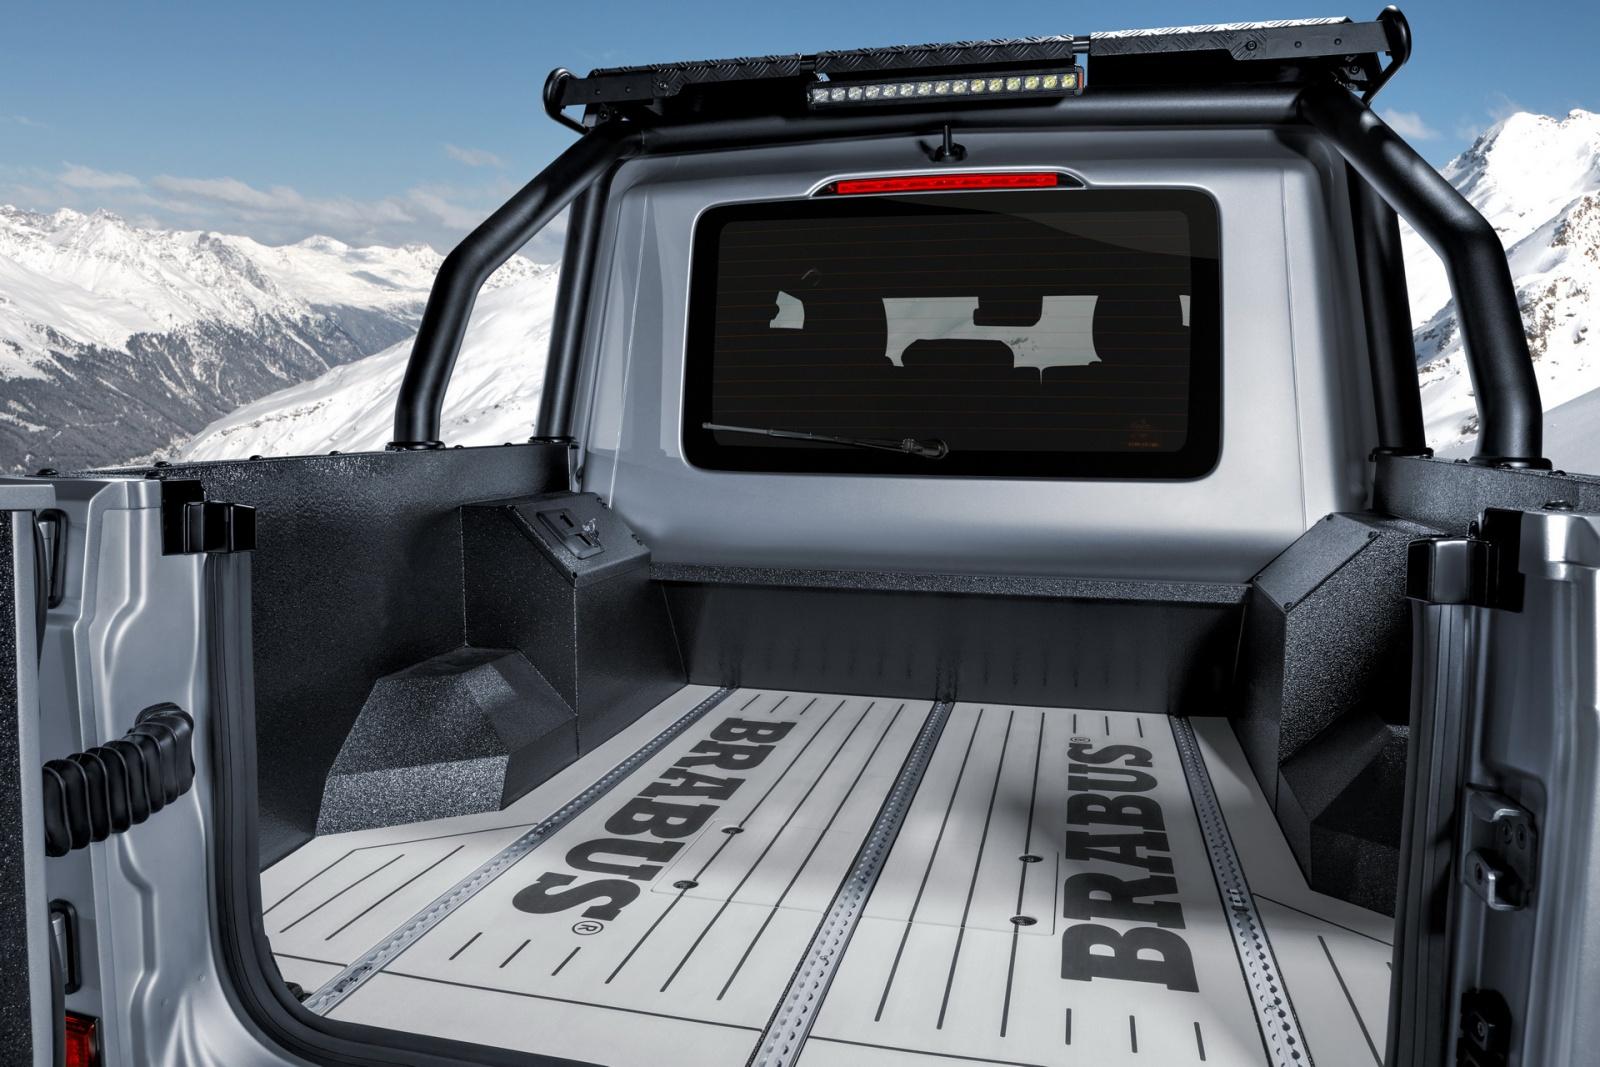 Название: Brabus-800-Adventure-XLP-13.jpg Просмотров: 669  Размер: 500.7 Кб